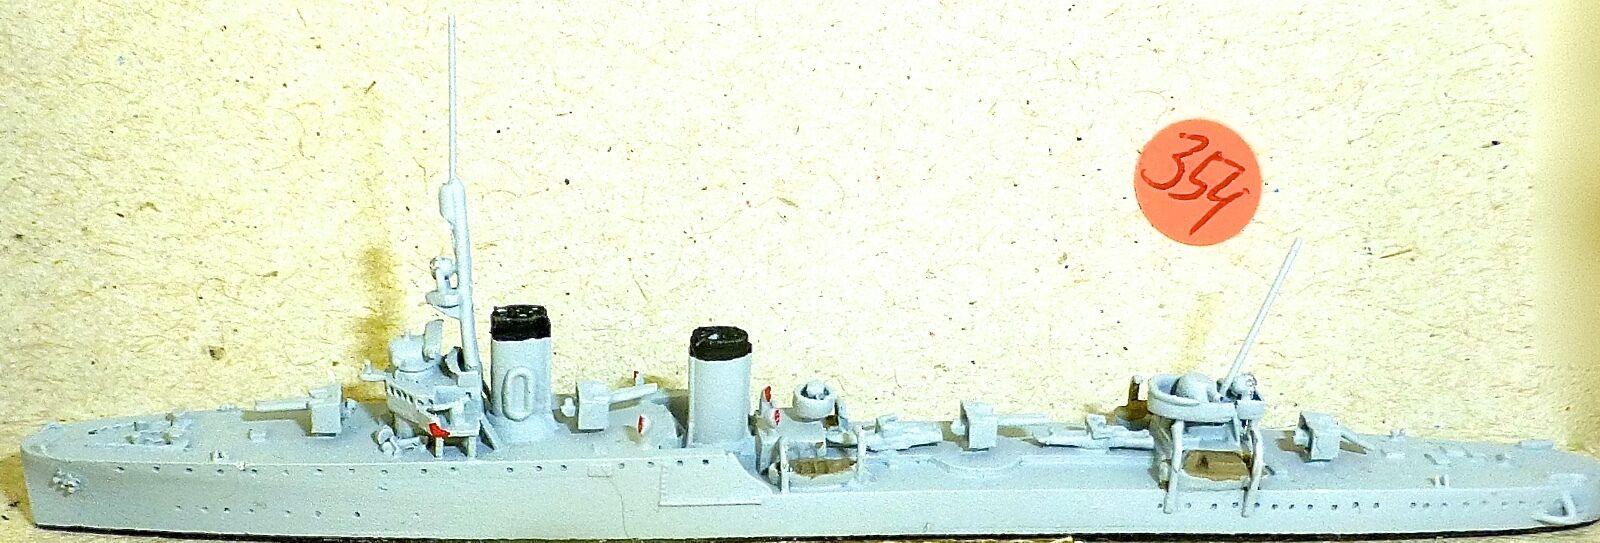 Leone Neptun 1565 Modello Barca 1 1250 SHP354 SHP354 SHP354 Å   3d3132